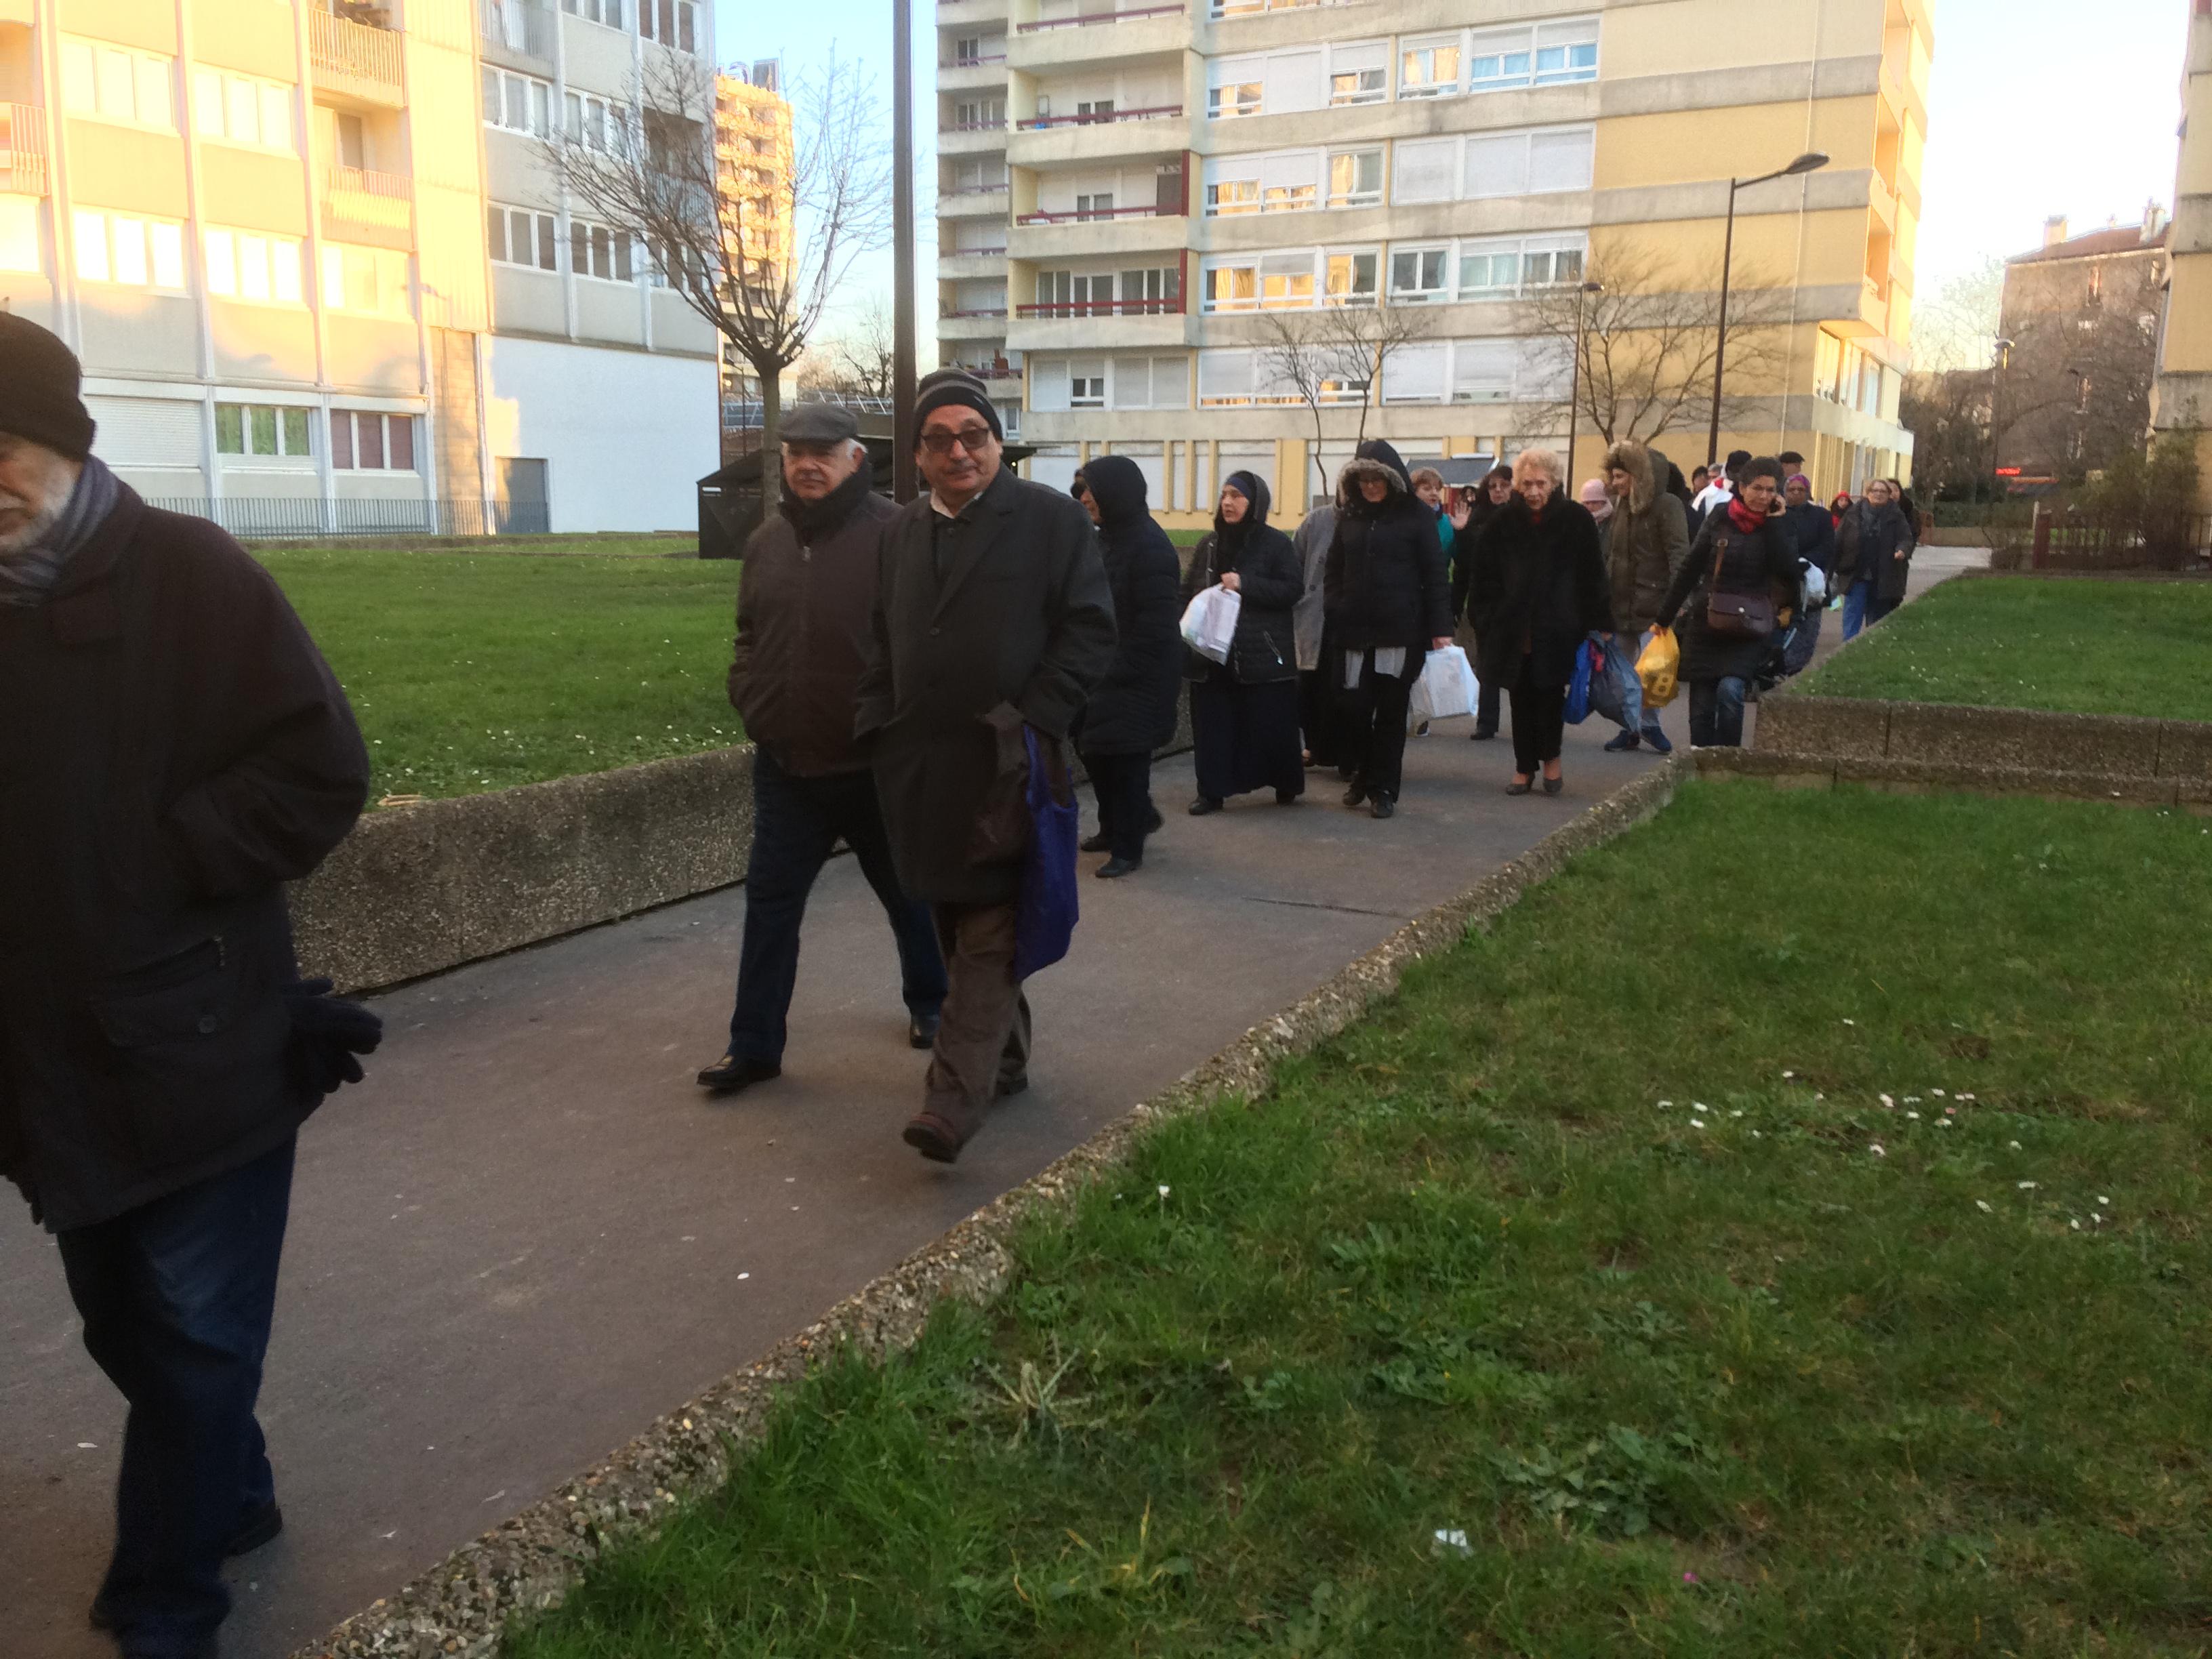 Les habitants d'Aubervilliers ramènent leurs poubelles à l'OPH… et obtiennent une 1ère victoire